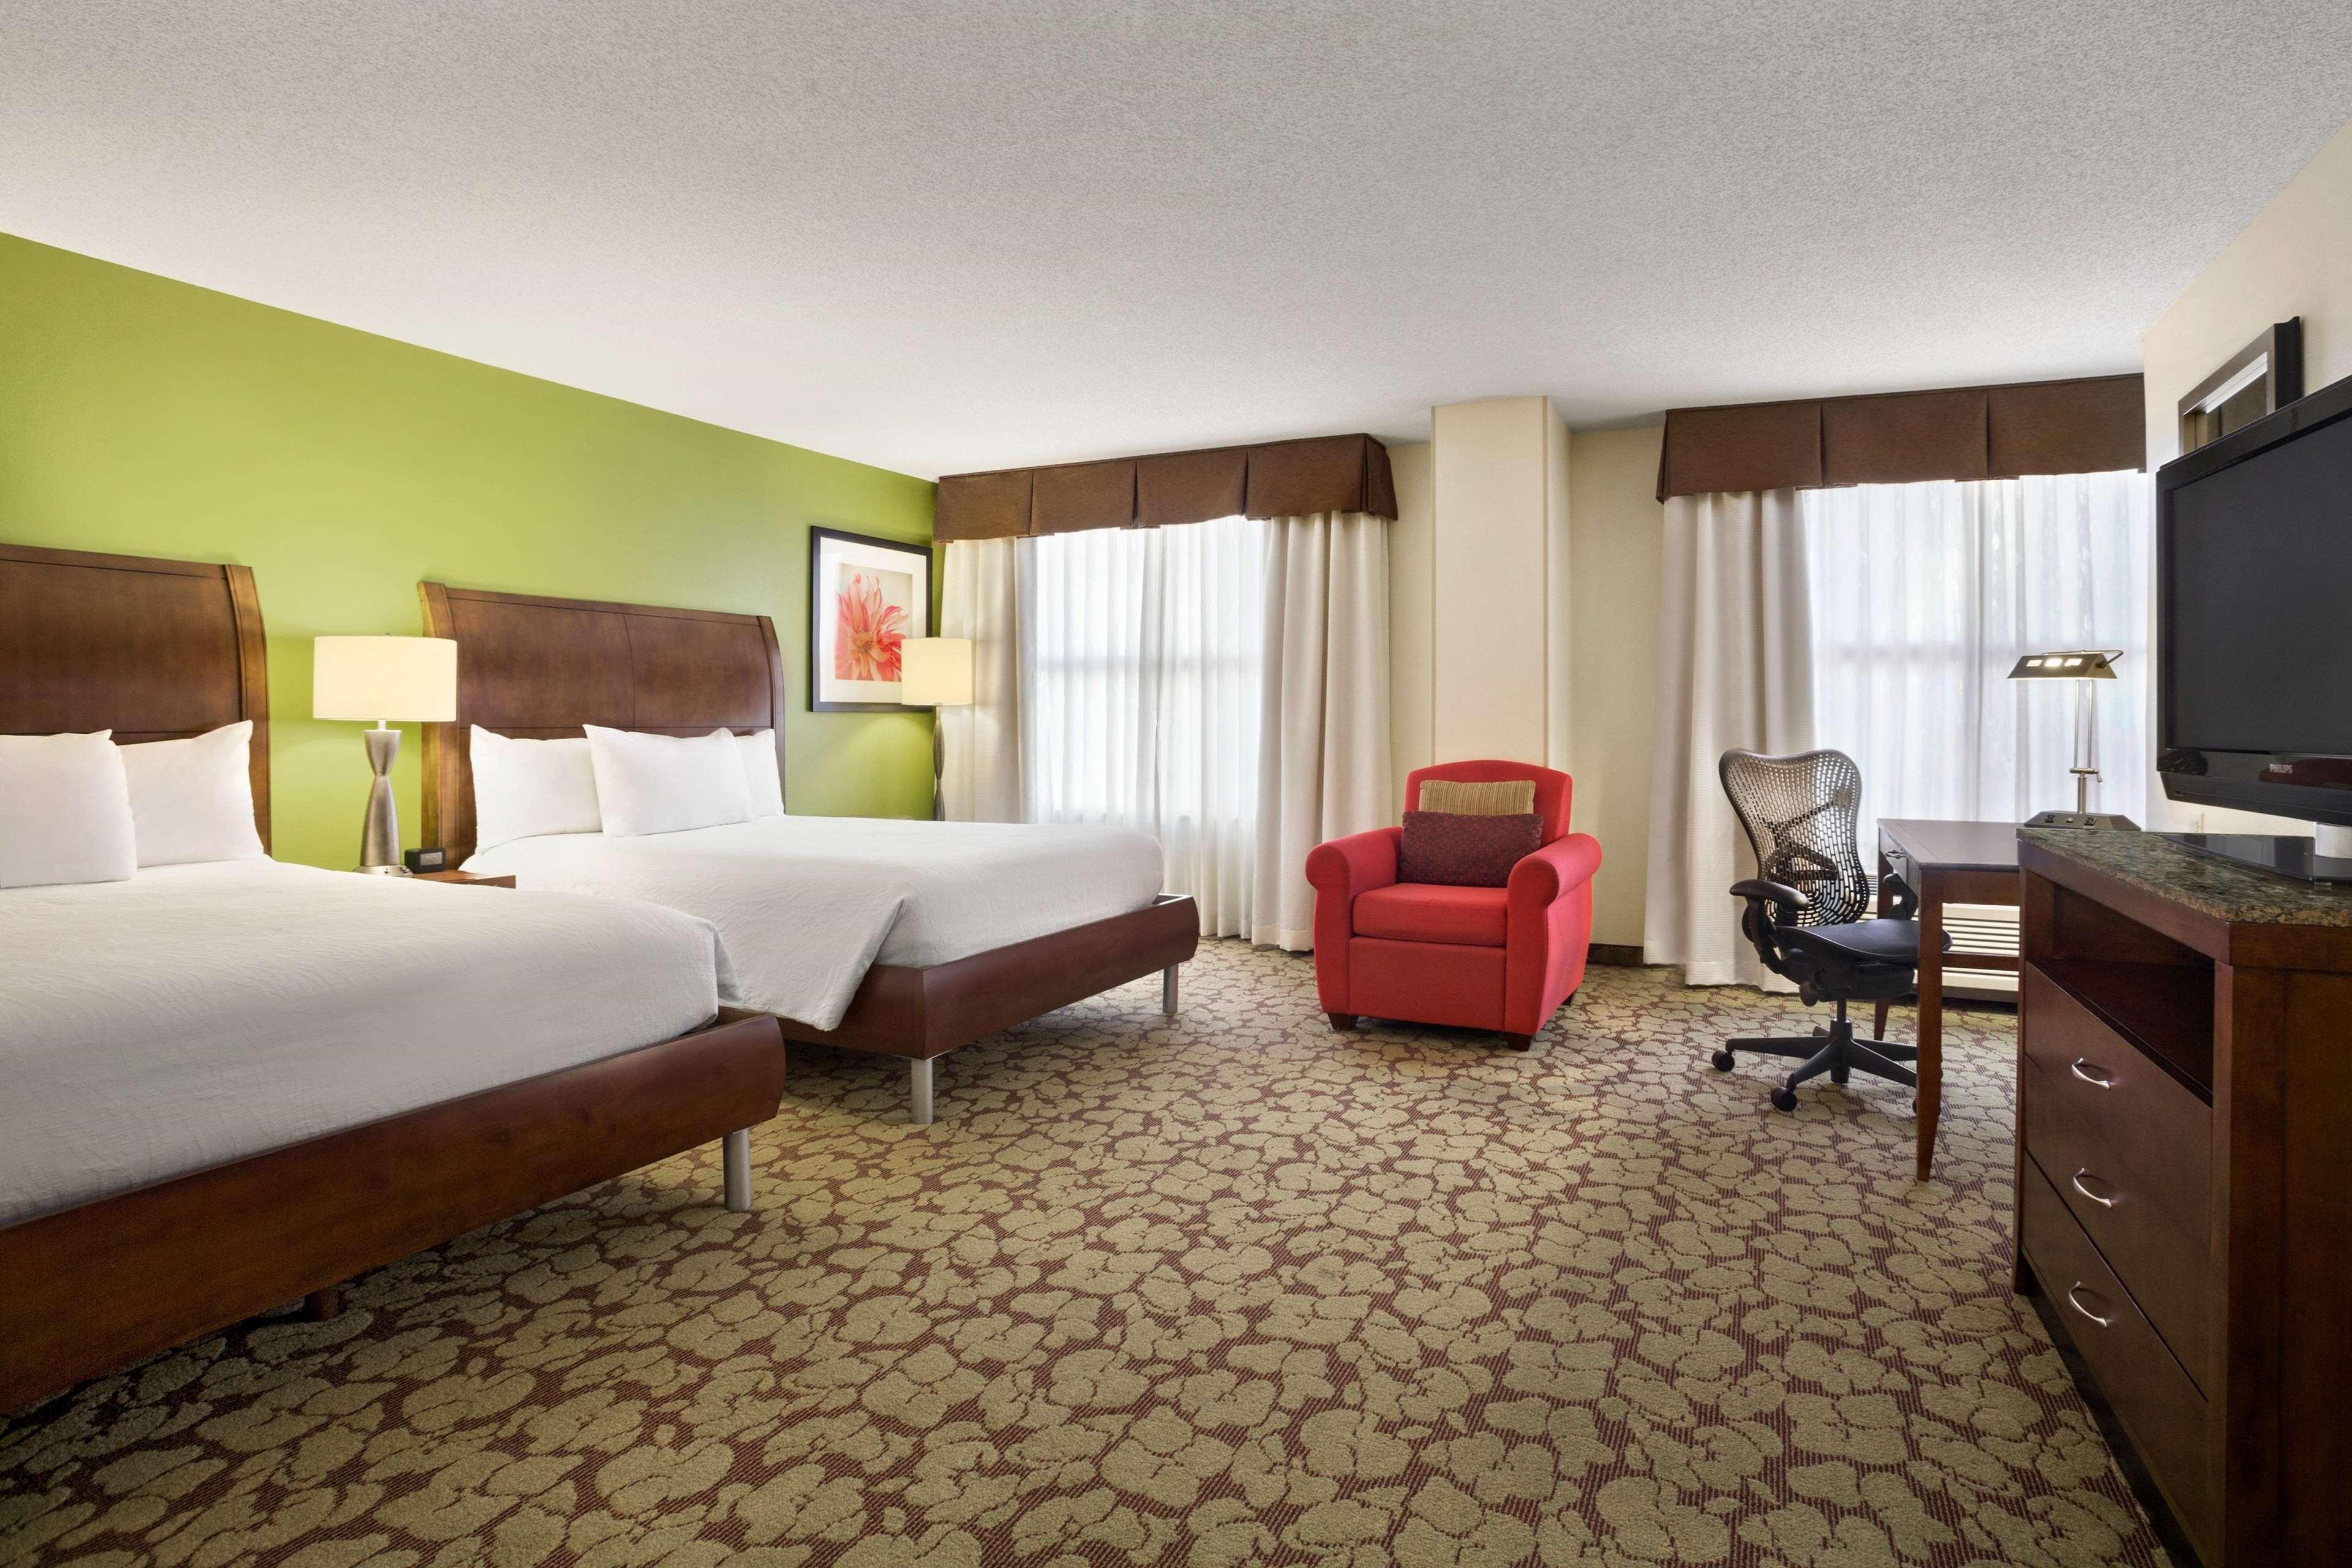 Hilton Garden Inn Atlanta Perimeter Center image 27